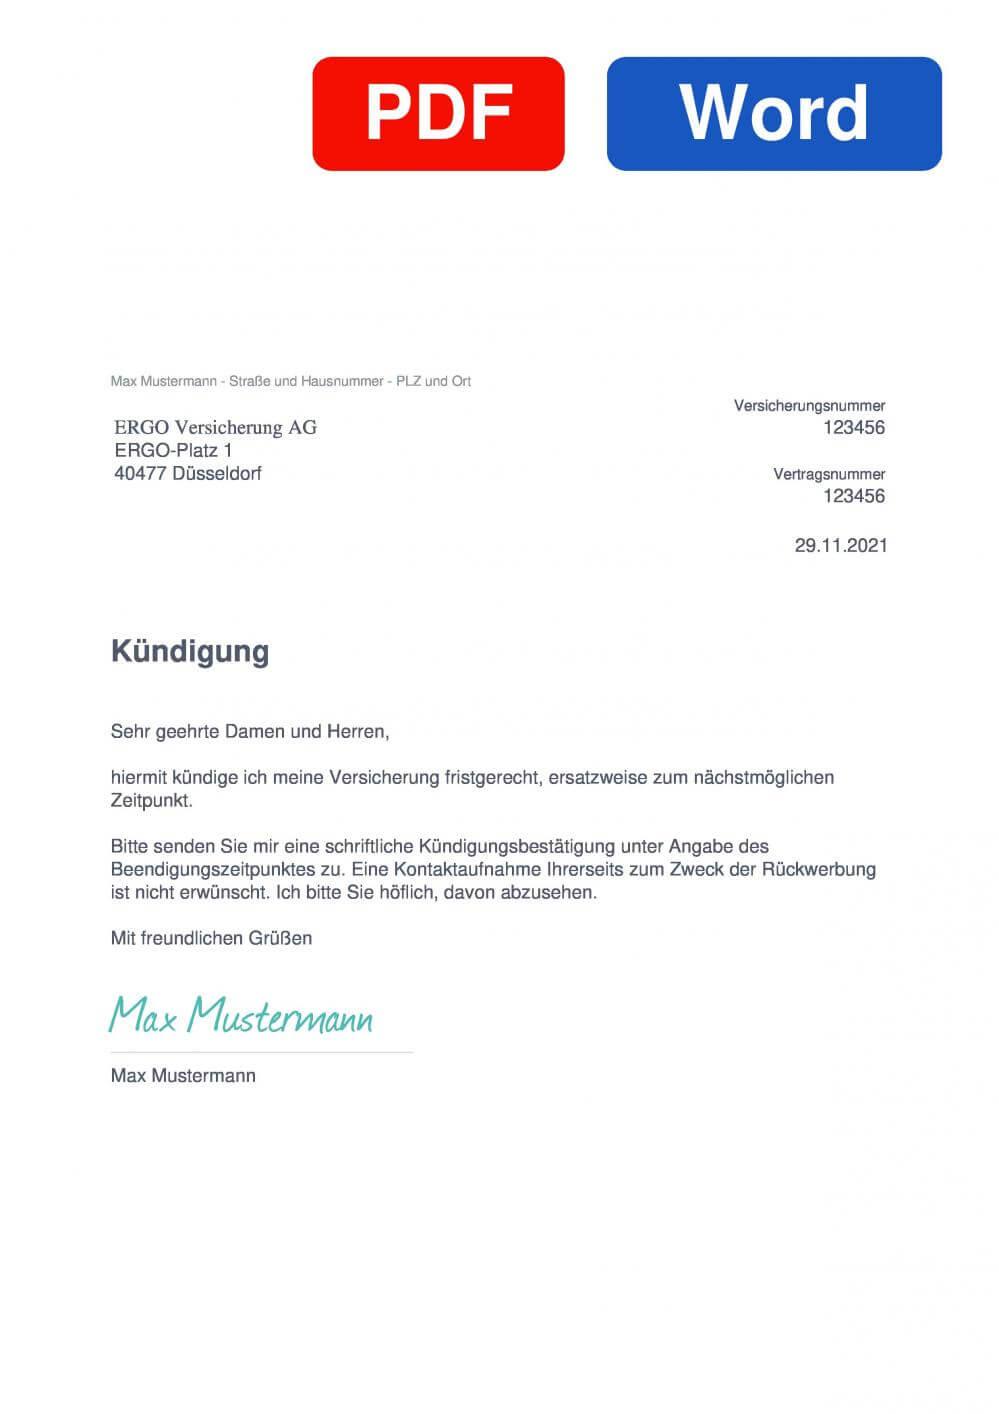 ERGO Rechtsschutzversicherung Muster Vorlage für Kündigungsschreiben